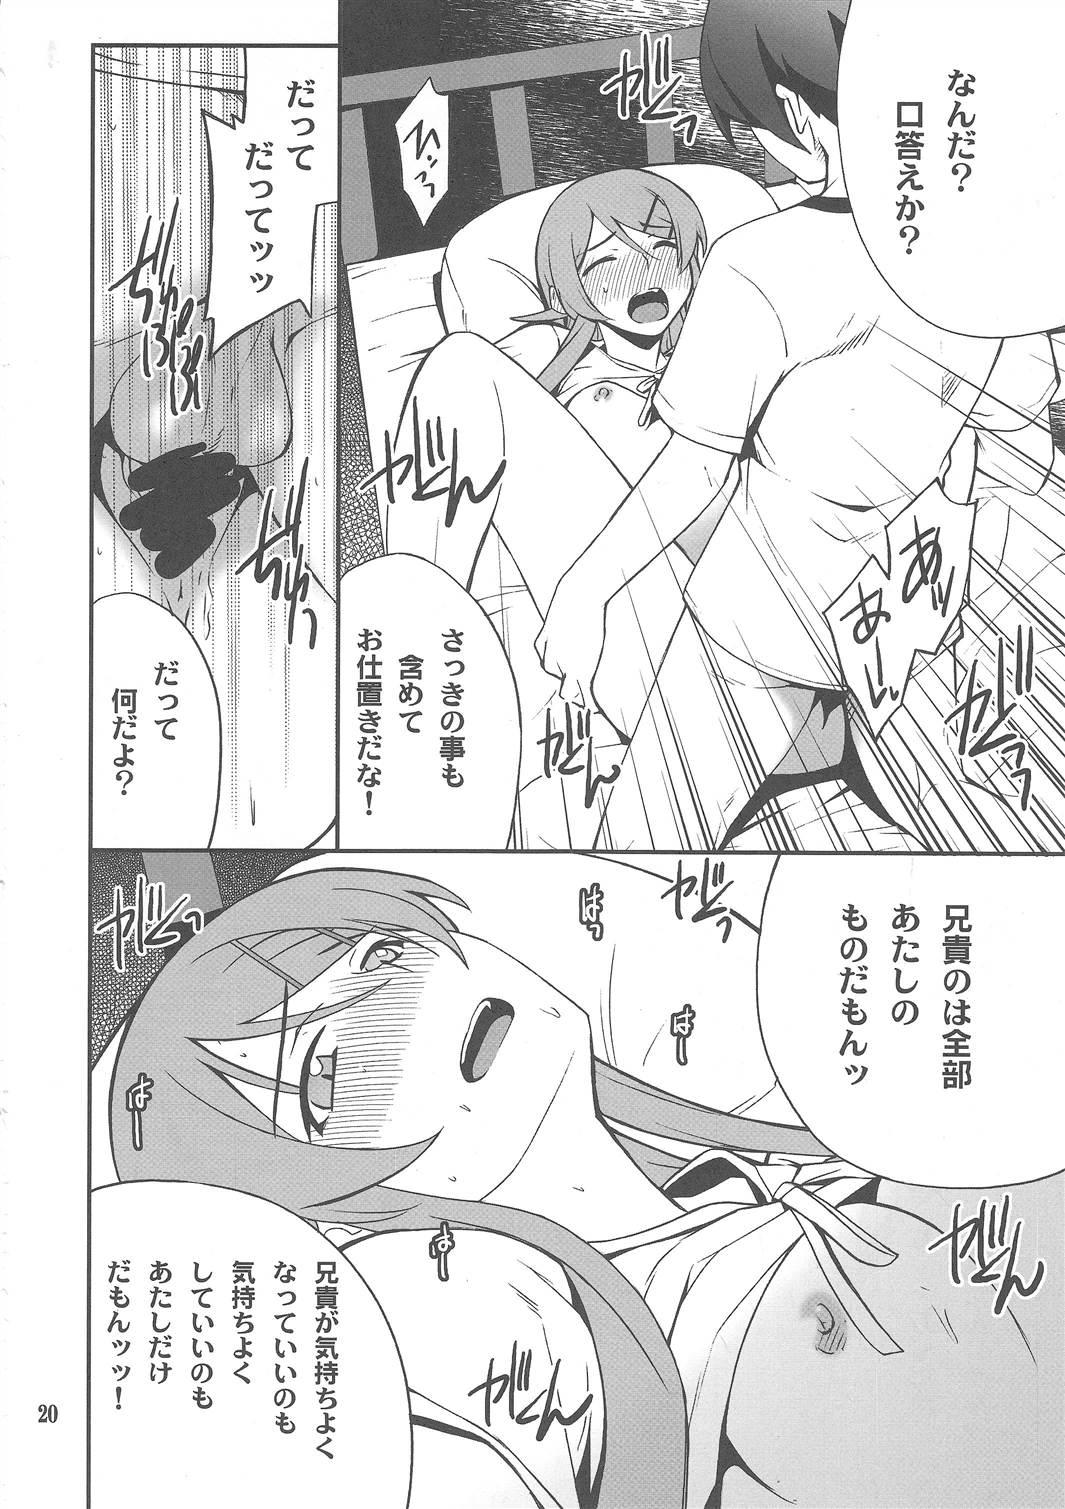 Ore x Imouto Kouryaku Daisakusen!! 03 18